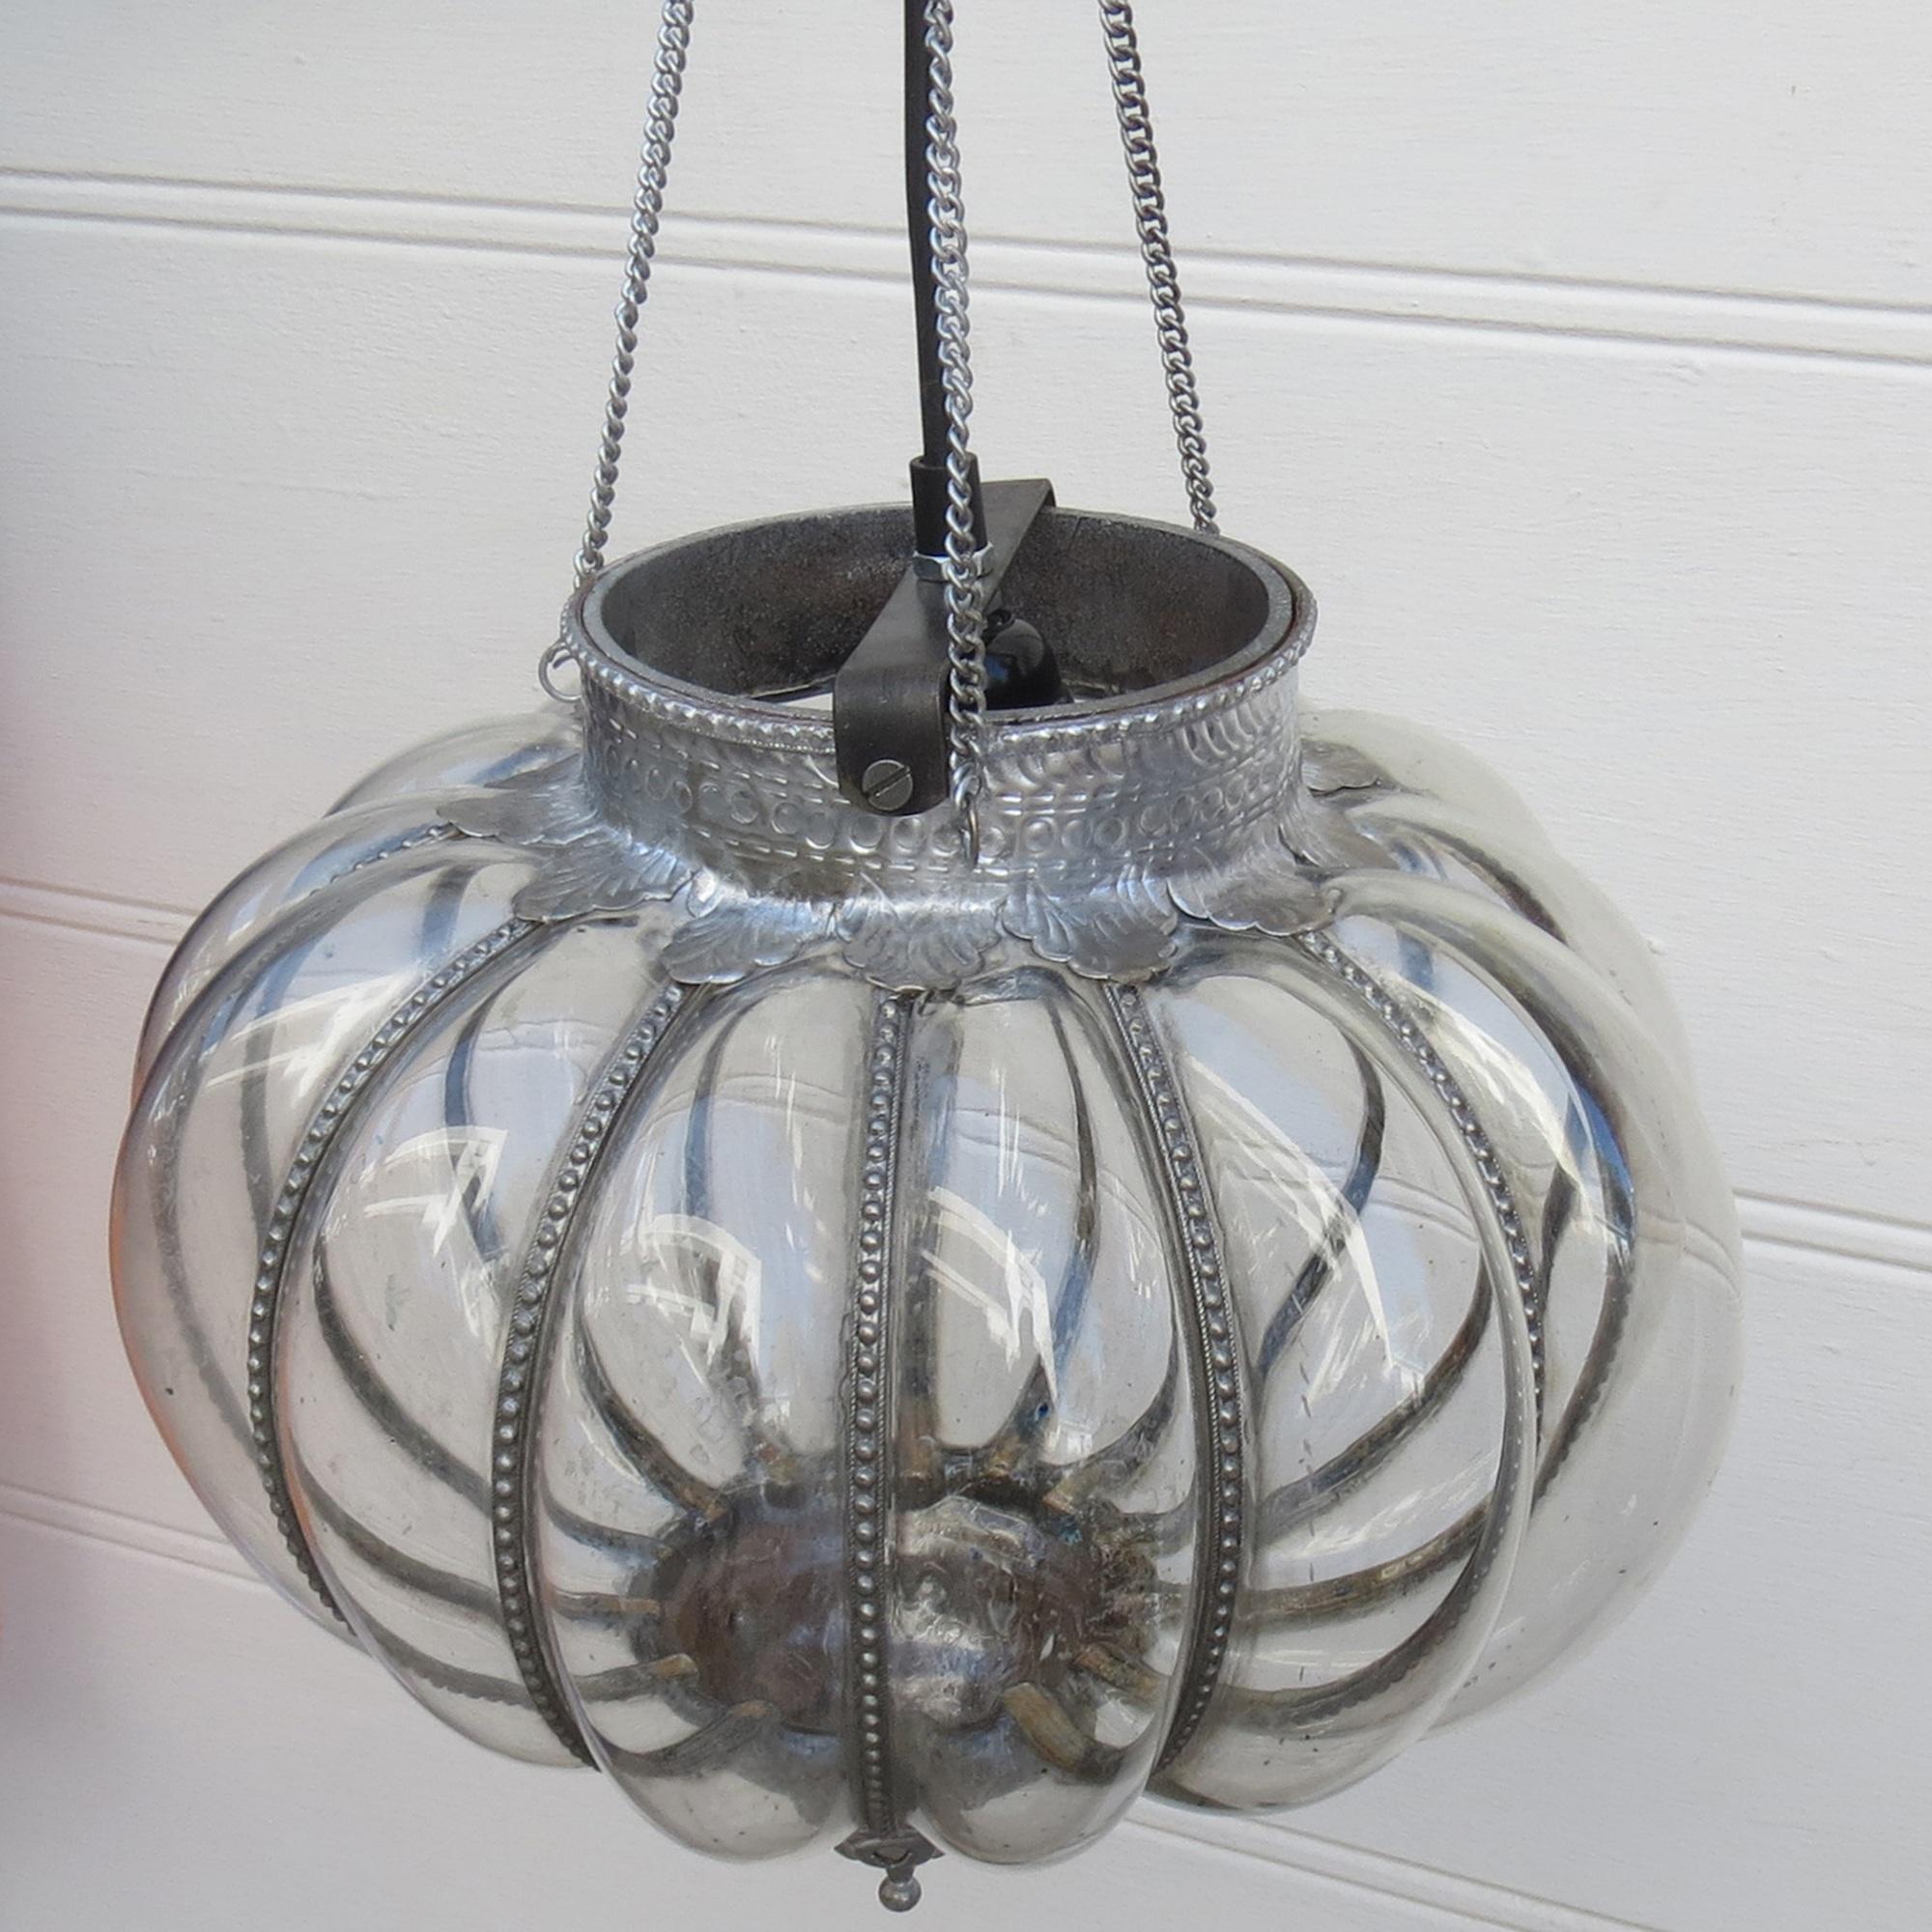 glaslampa stor